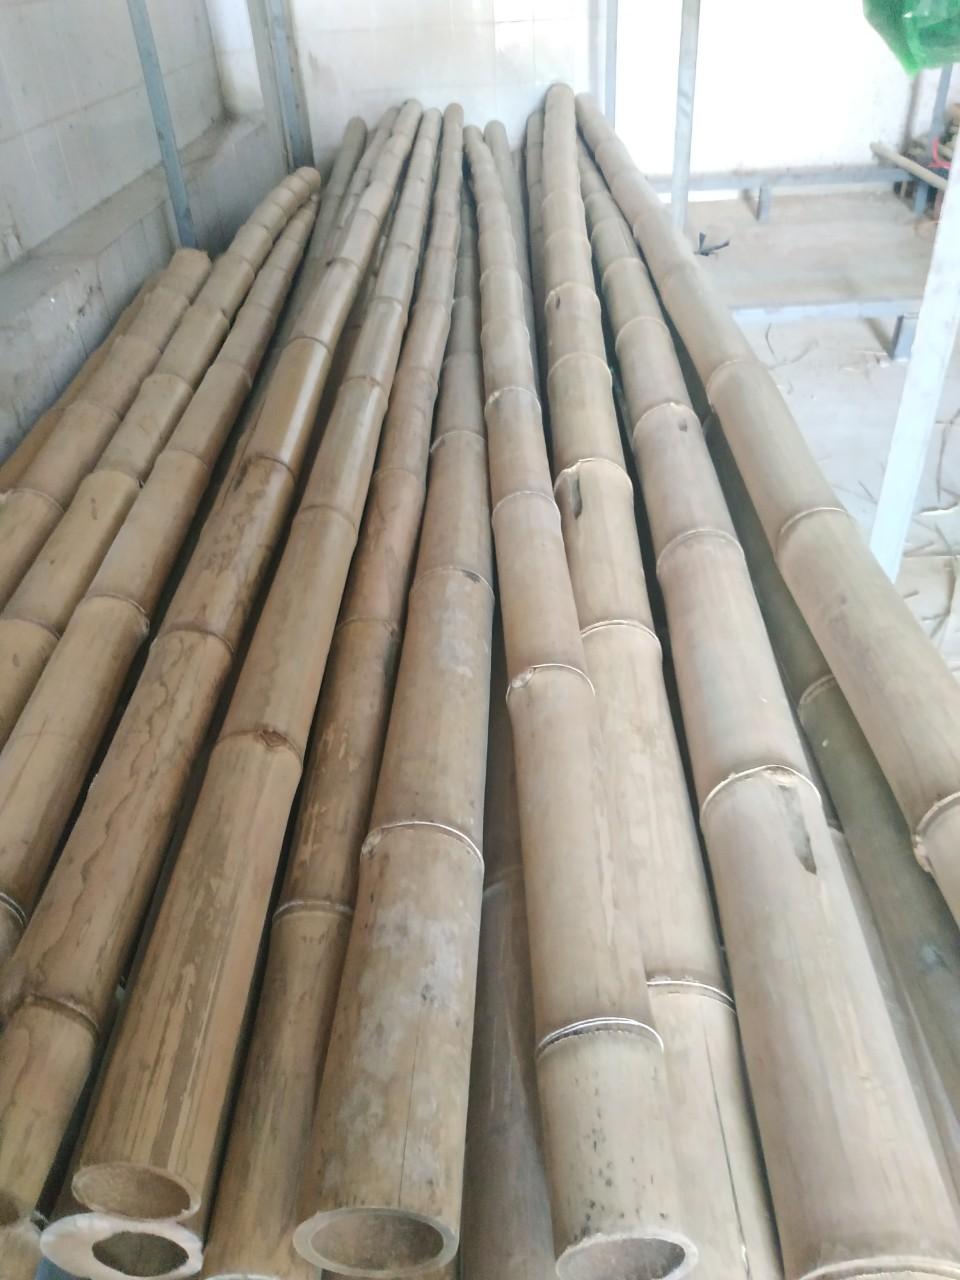 Nguyên liệu tre luồng khô phục vụ cho xây dựng